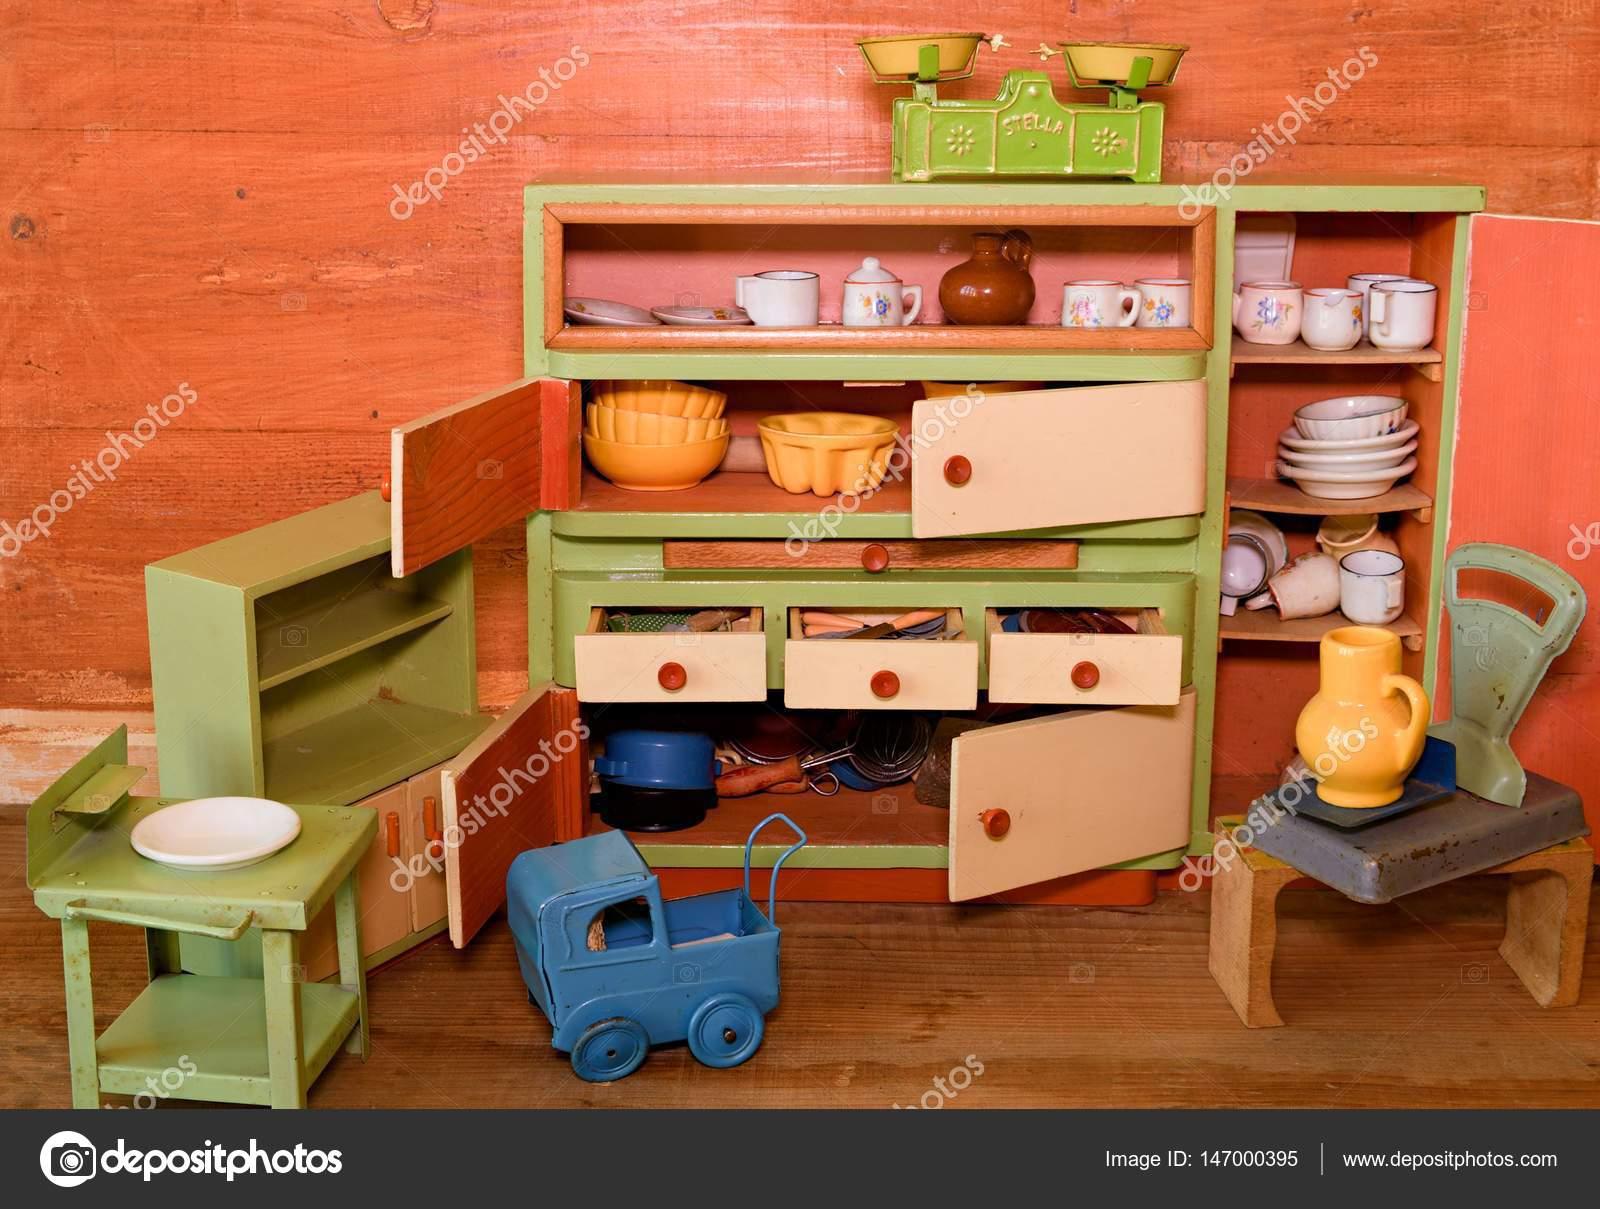 Houten Speelgoed Keuken : Vintage speelgoed voor meisjes. houten speelgoed keuken u2014 stockfoto